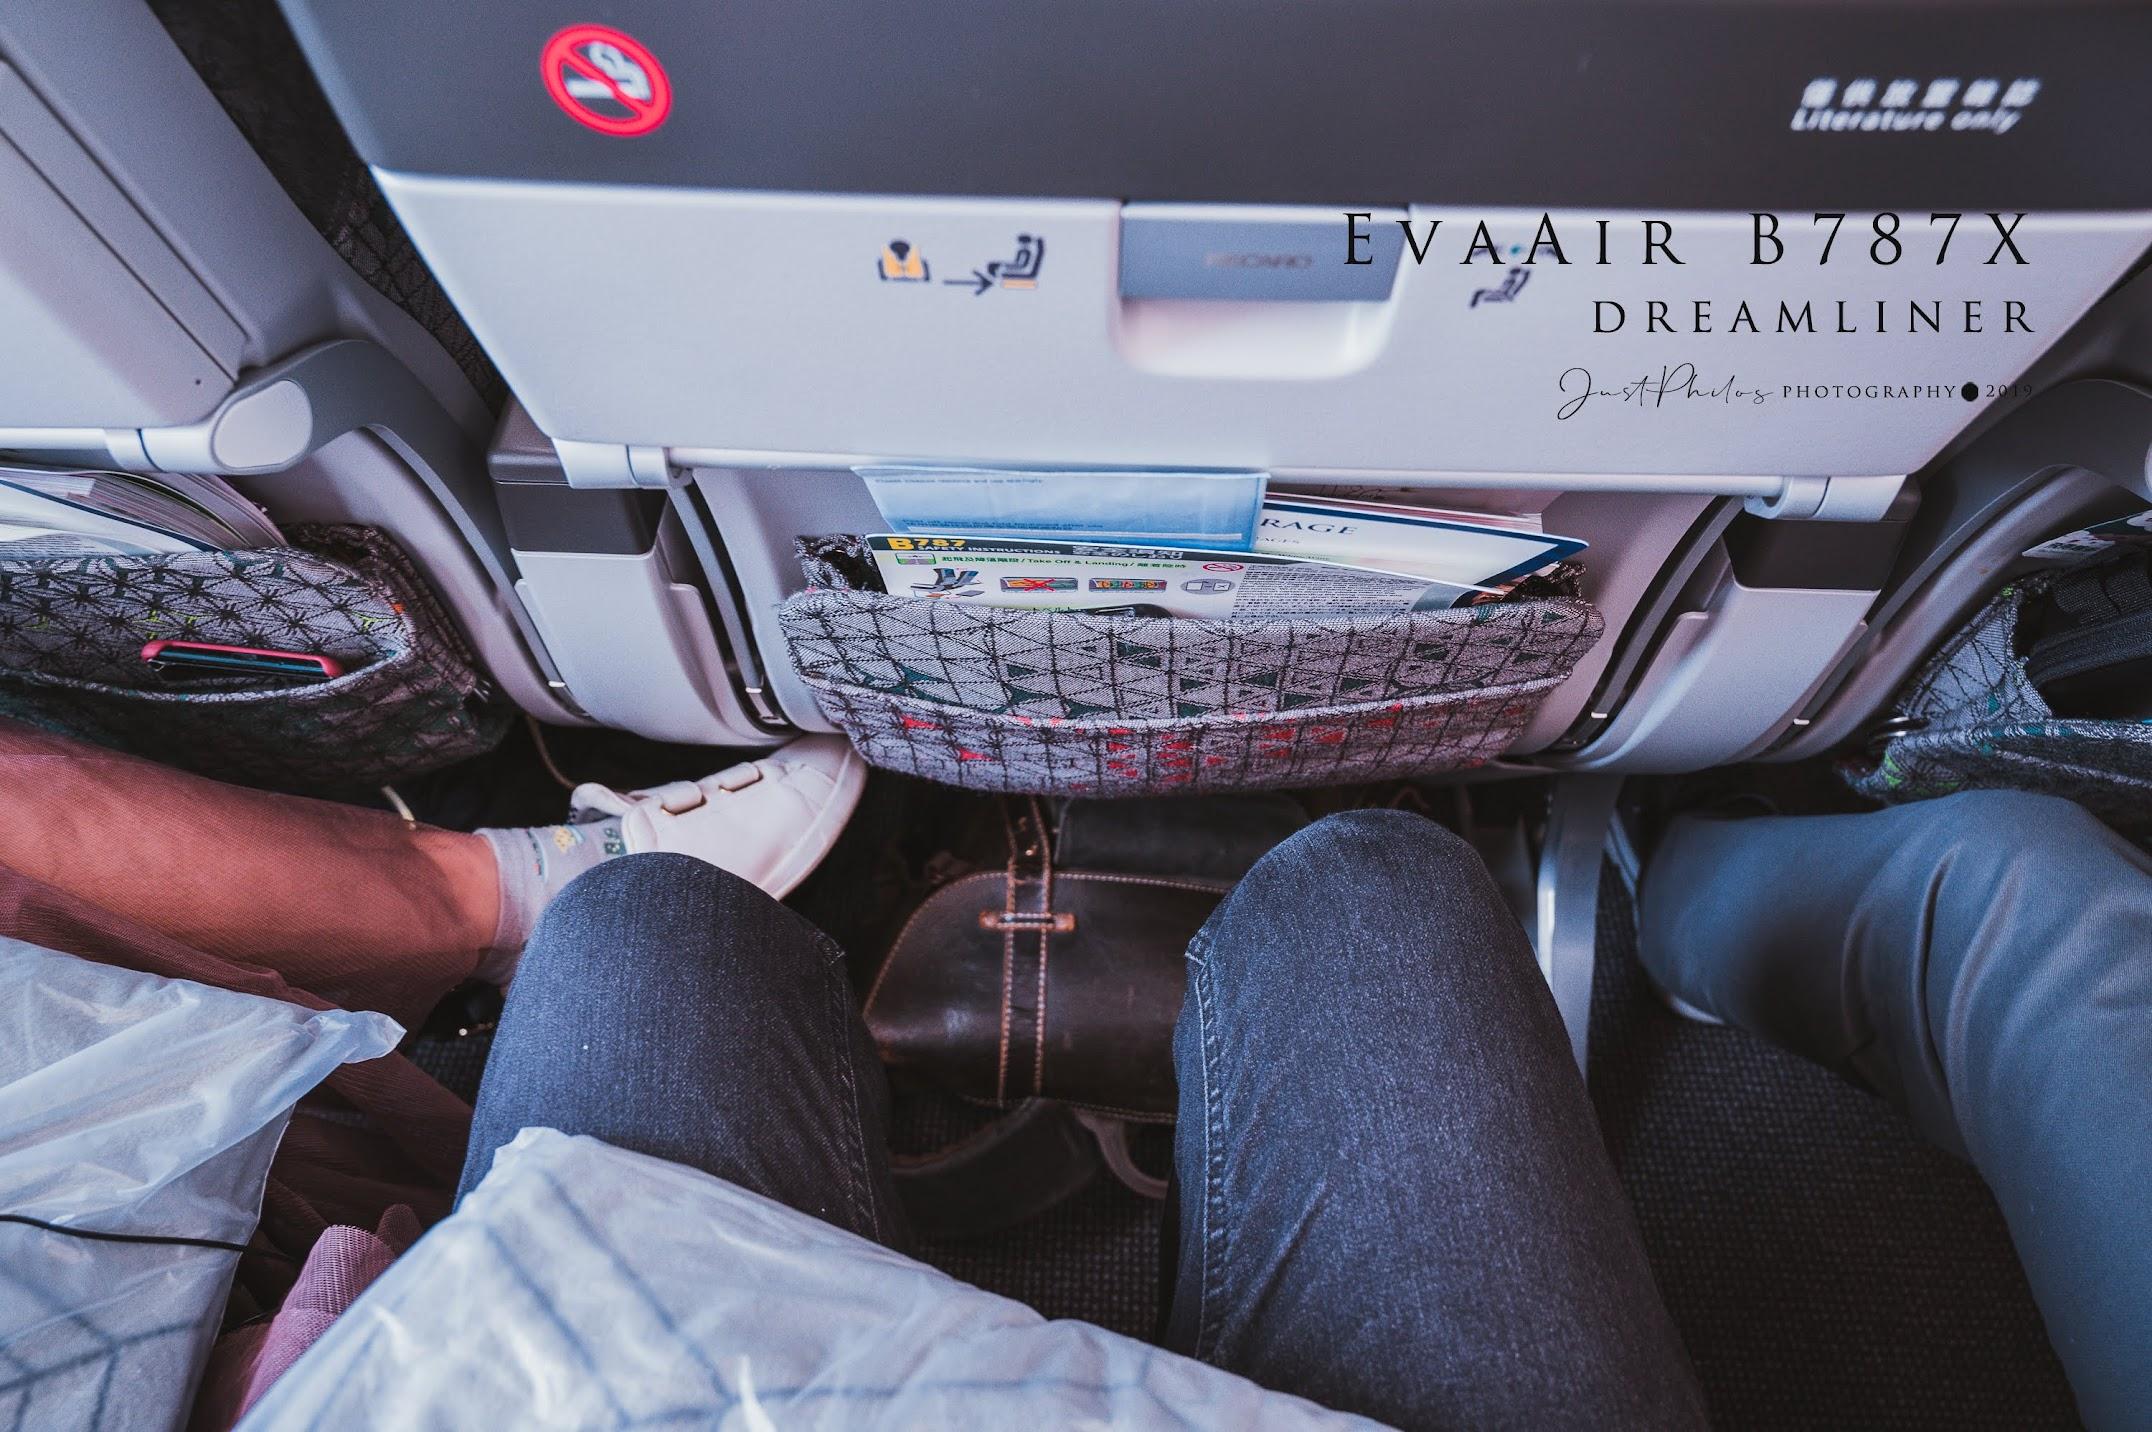 長榮B787客機經濟艙前後椅距相當足夠。